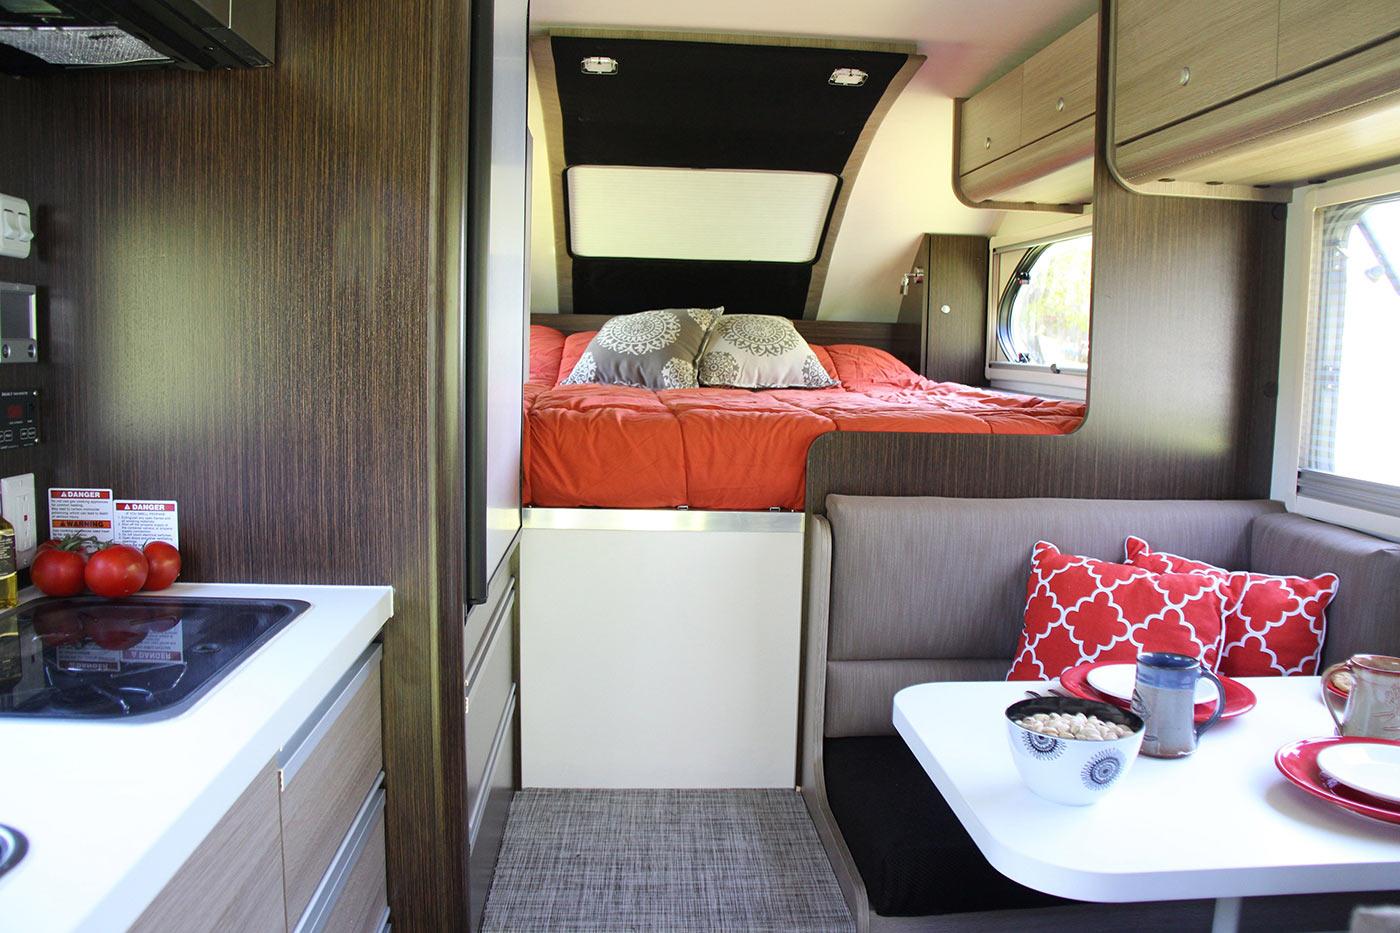 Cirrus-Truck-Camper-Interior_711a2abb.jpg